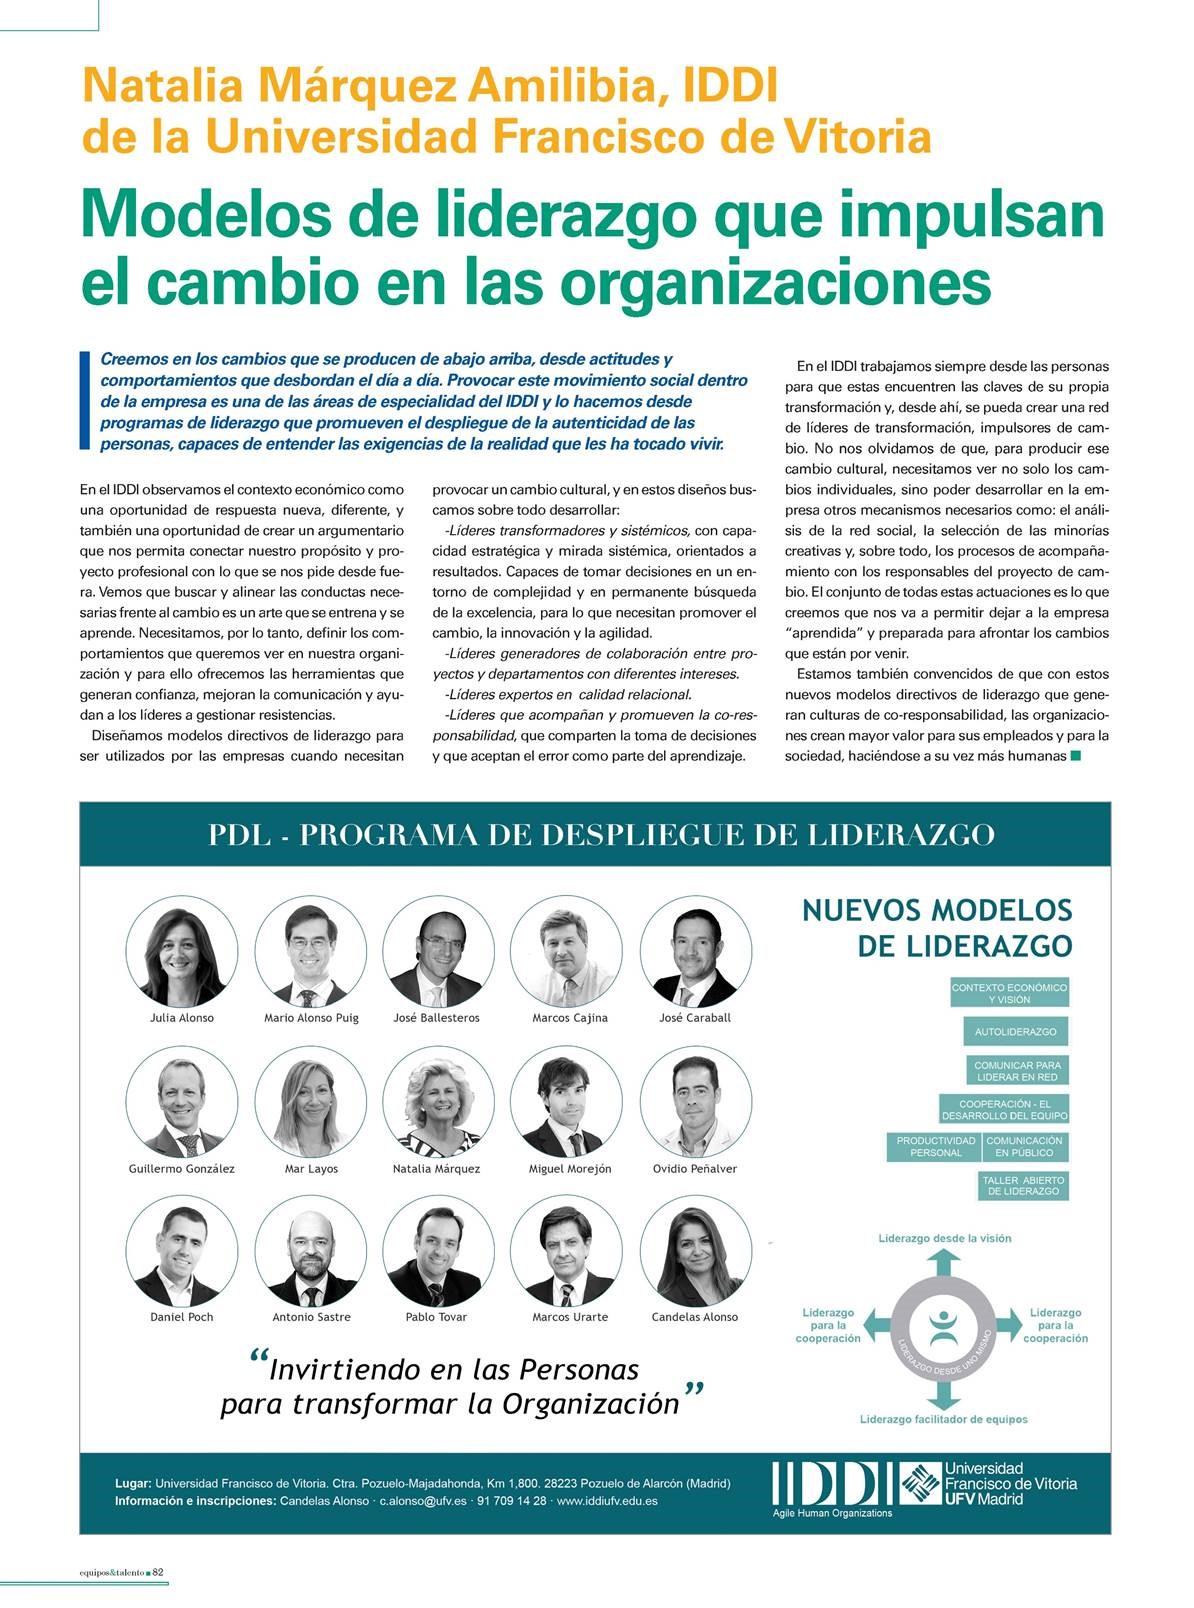 iddi 1 Natalia Márquez, del IDDI de la UFV, nos habla de una de las actuaciones en empresas en las que el IDDI es experto: los modelos directivos de liderazgo que impulsan el cambio Estudiar en Universidad Privada Madrid